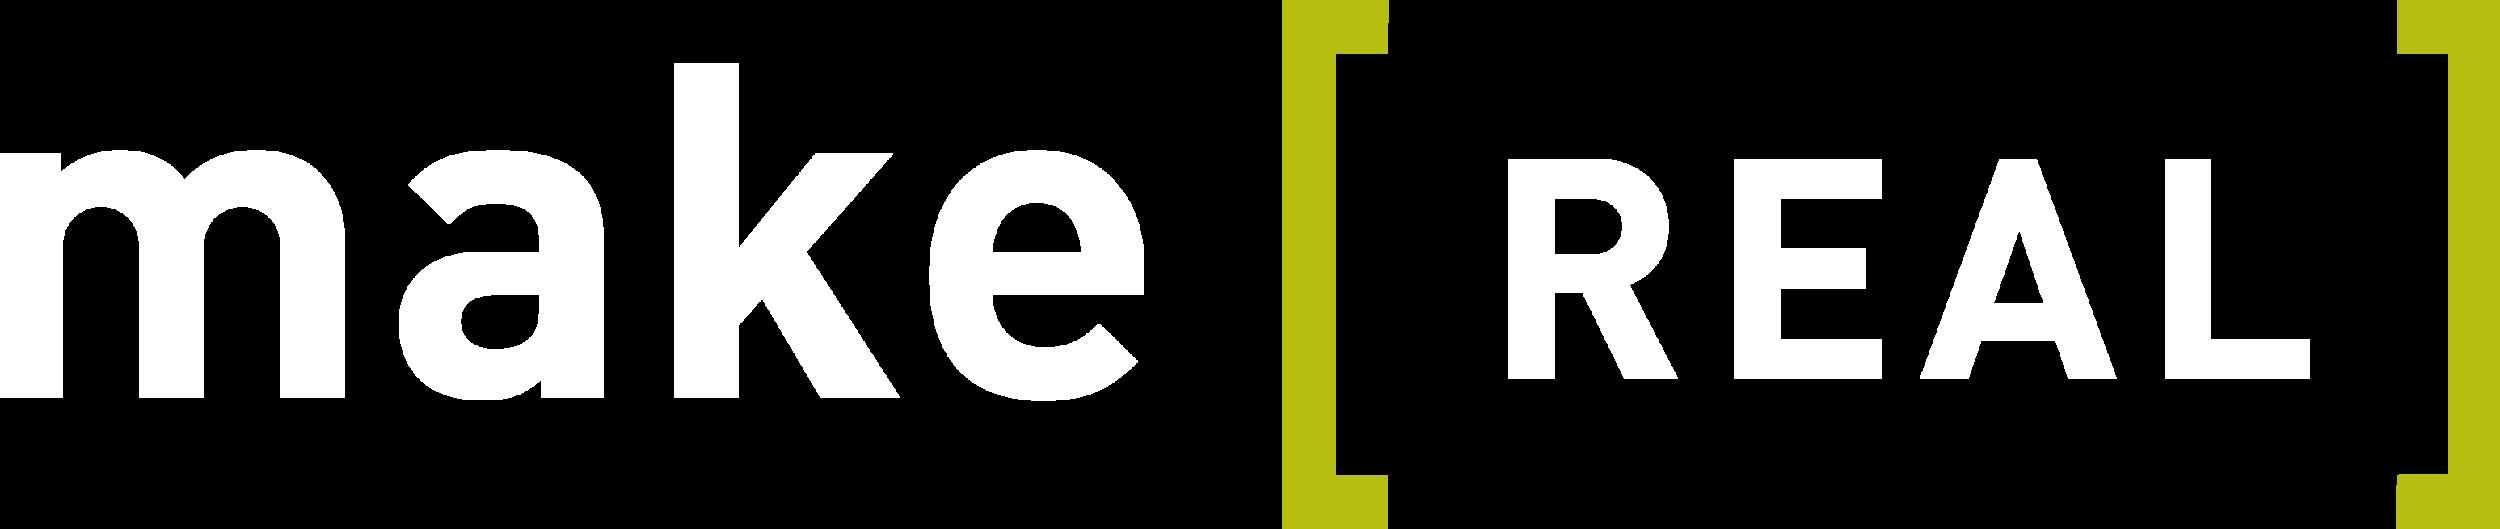 MR_Logo_No_Strap_White_Green.png